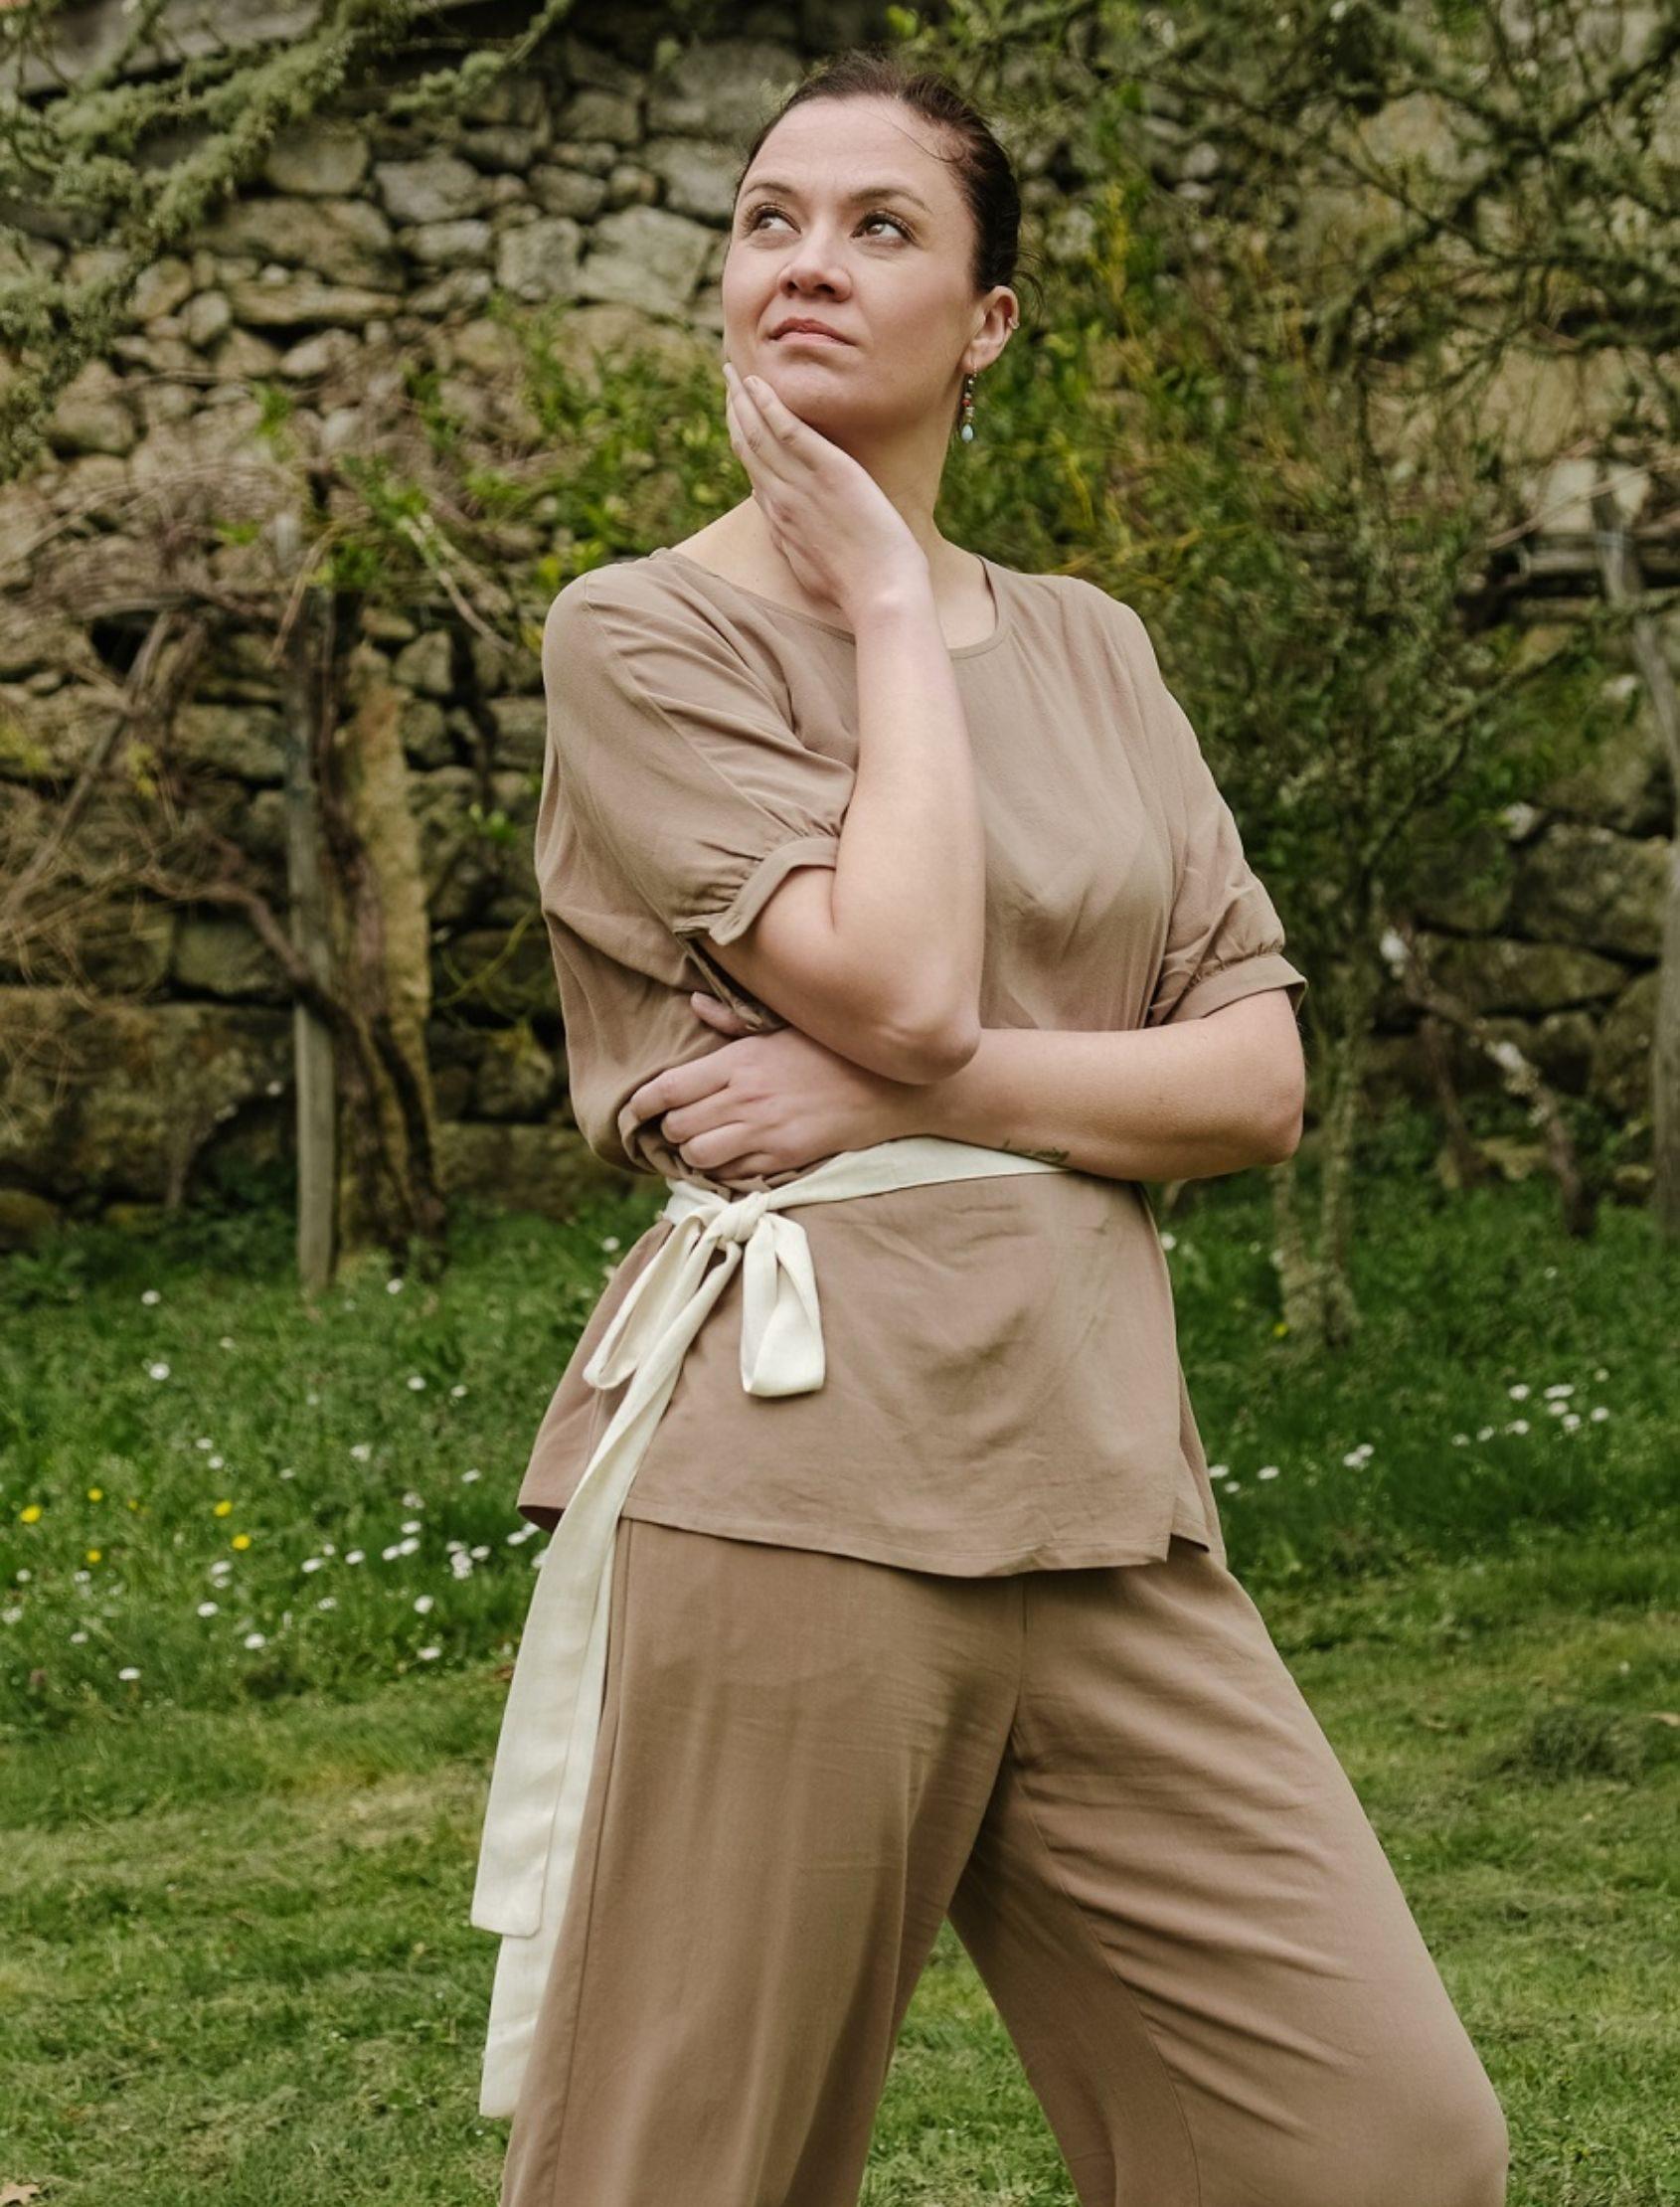 modelo con blusa de lino safary en tono camel con cinturón en beige